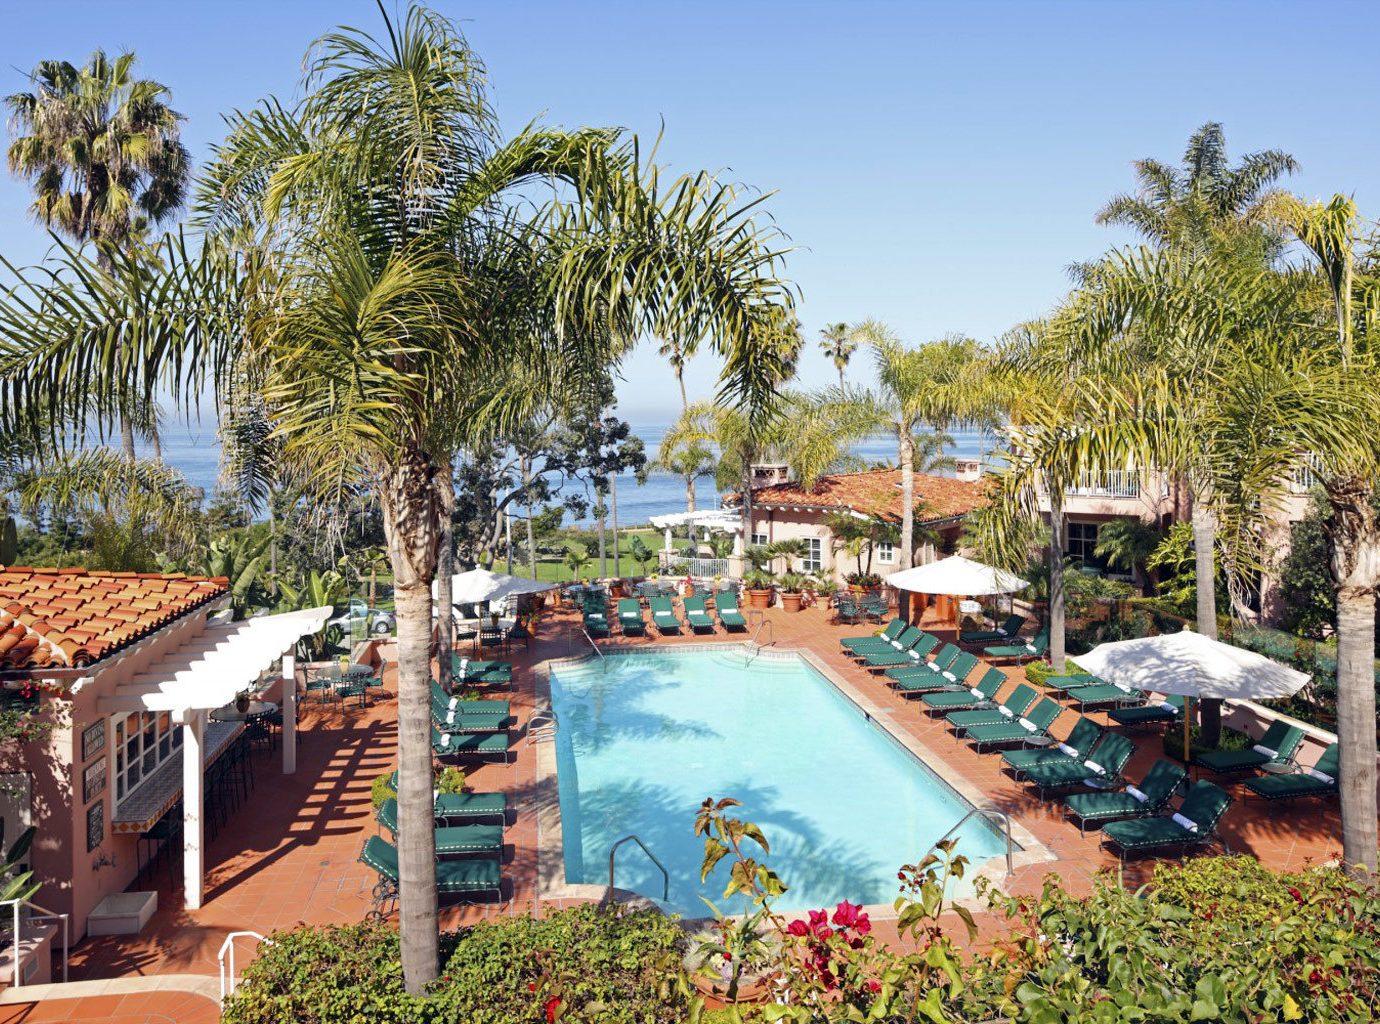 Outdoor Pool At La Valencia Hotel In San Diego, Ca, USA